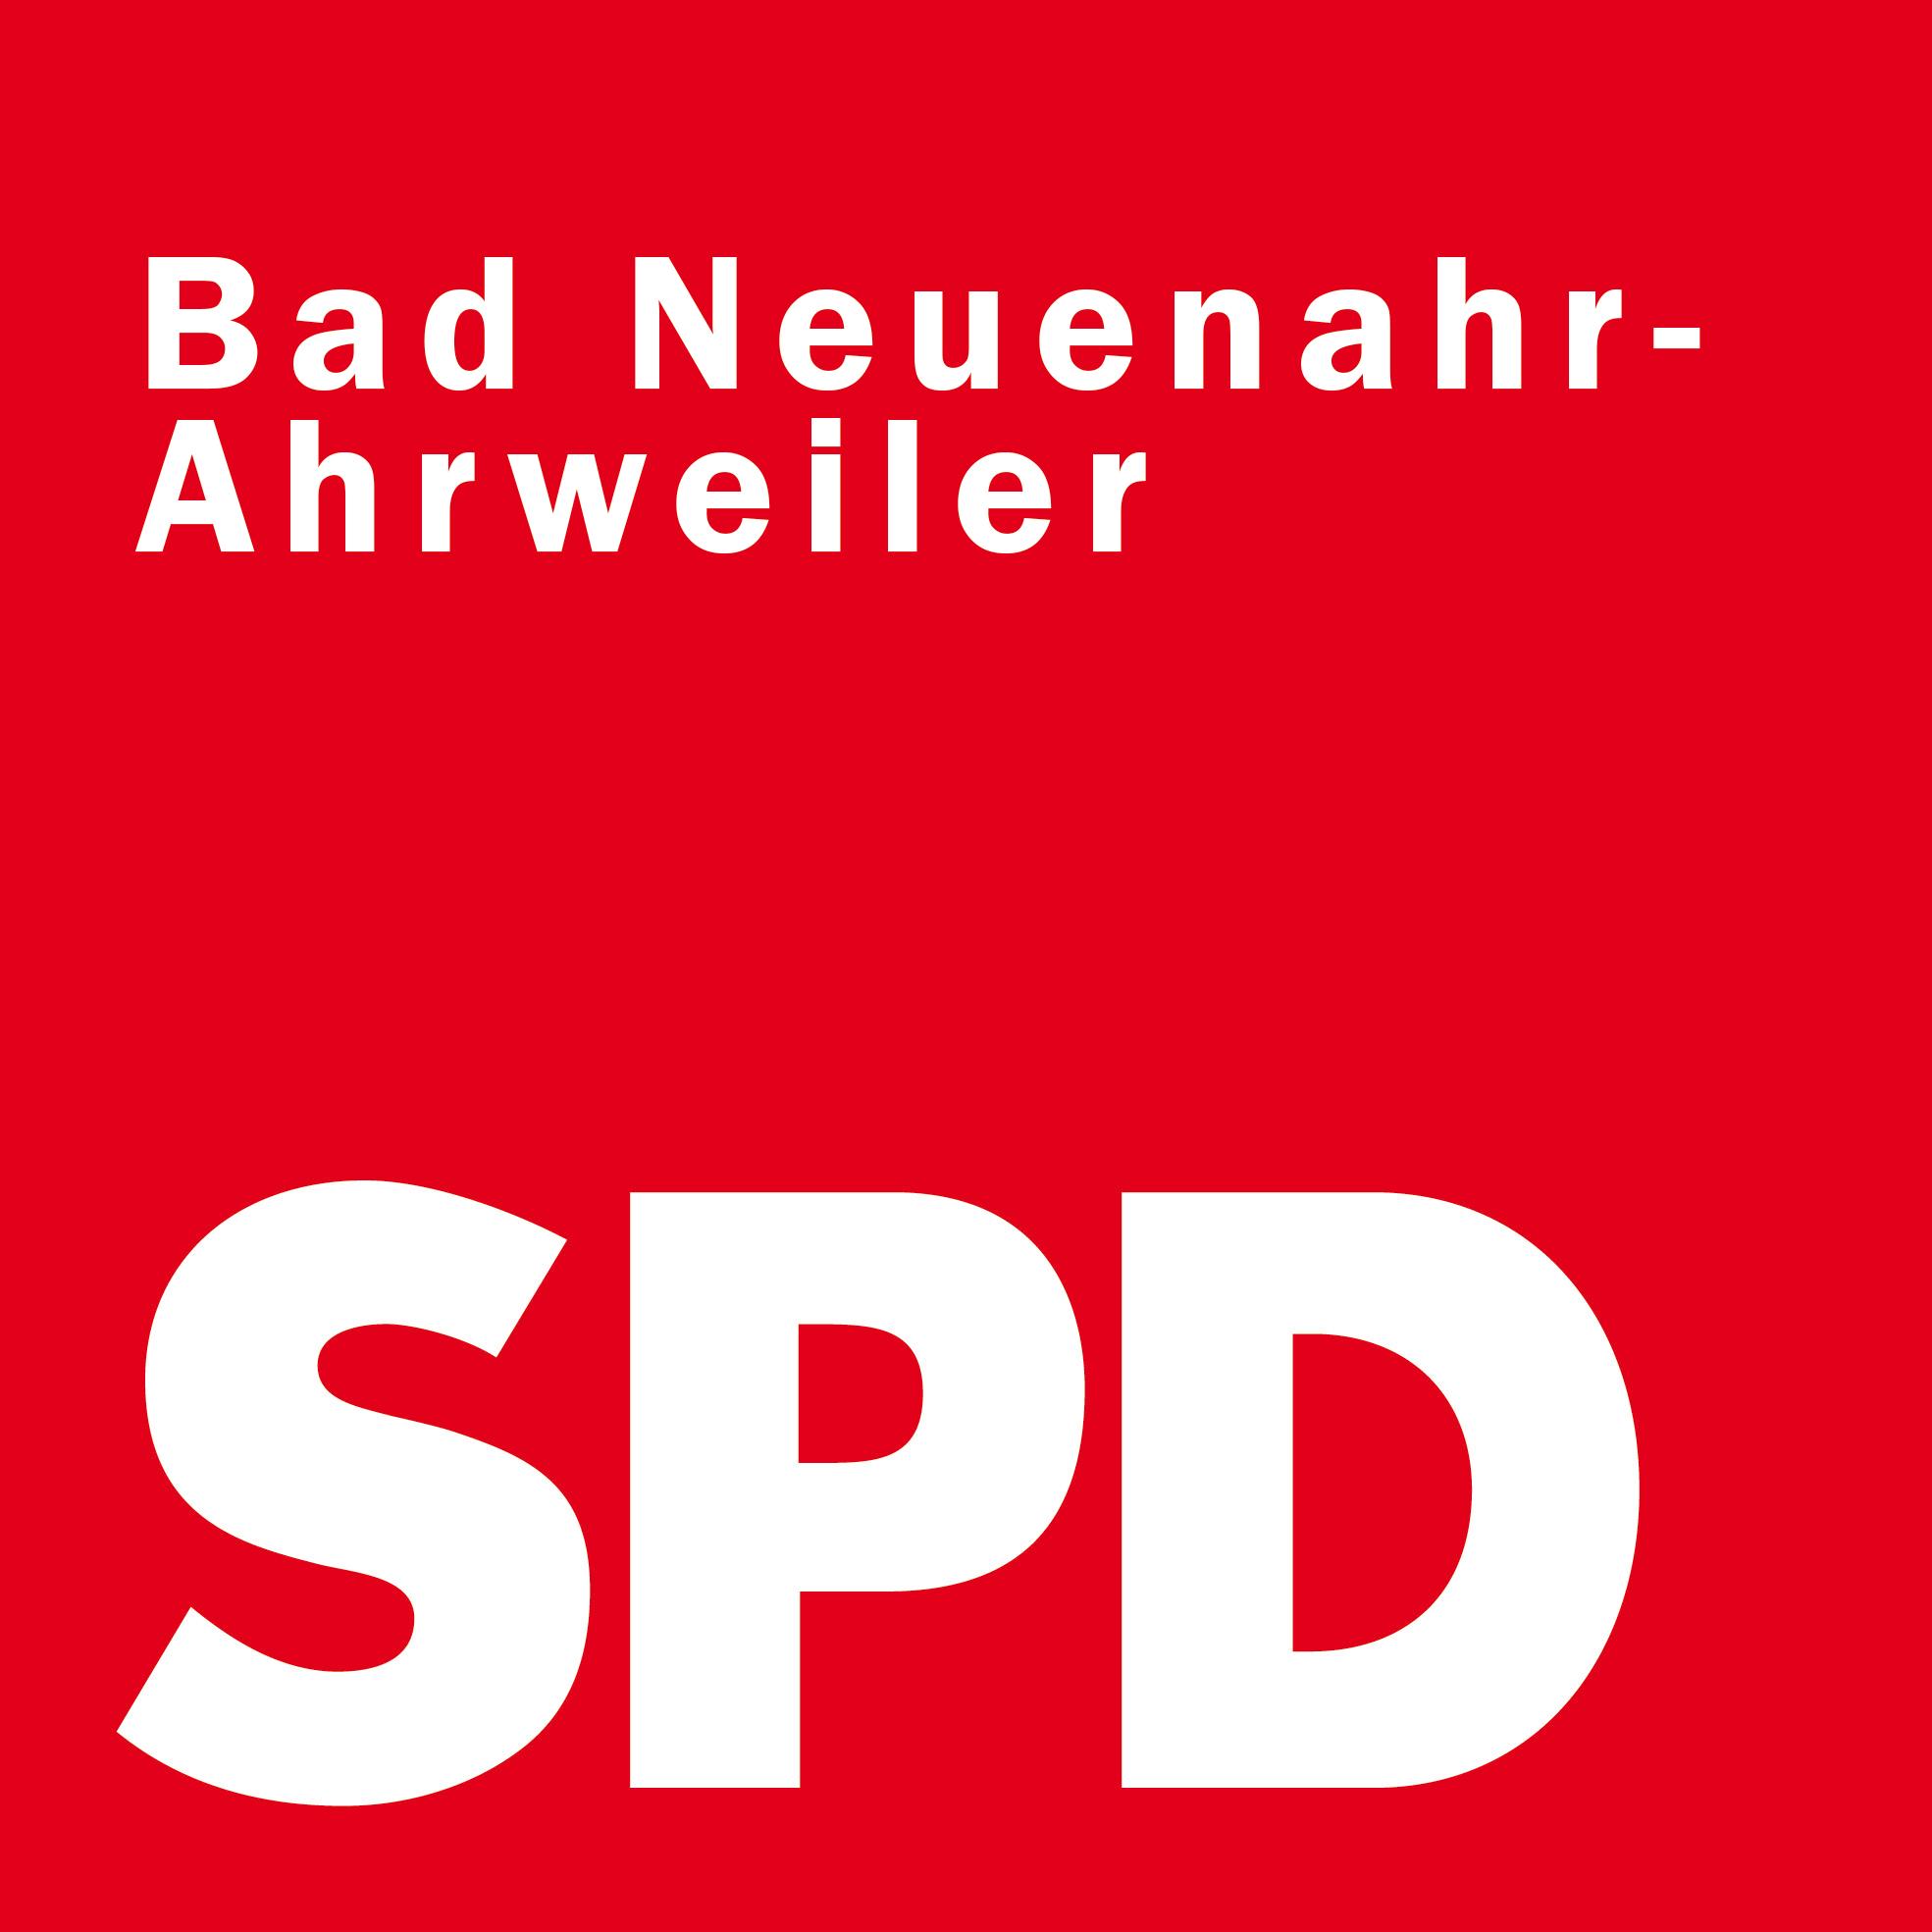 SPD Bad Neuenahr-Ahrweiler